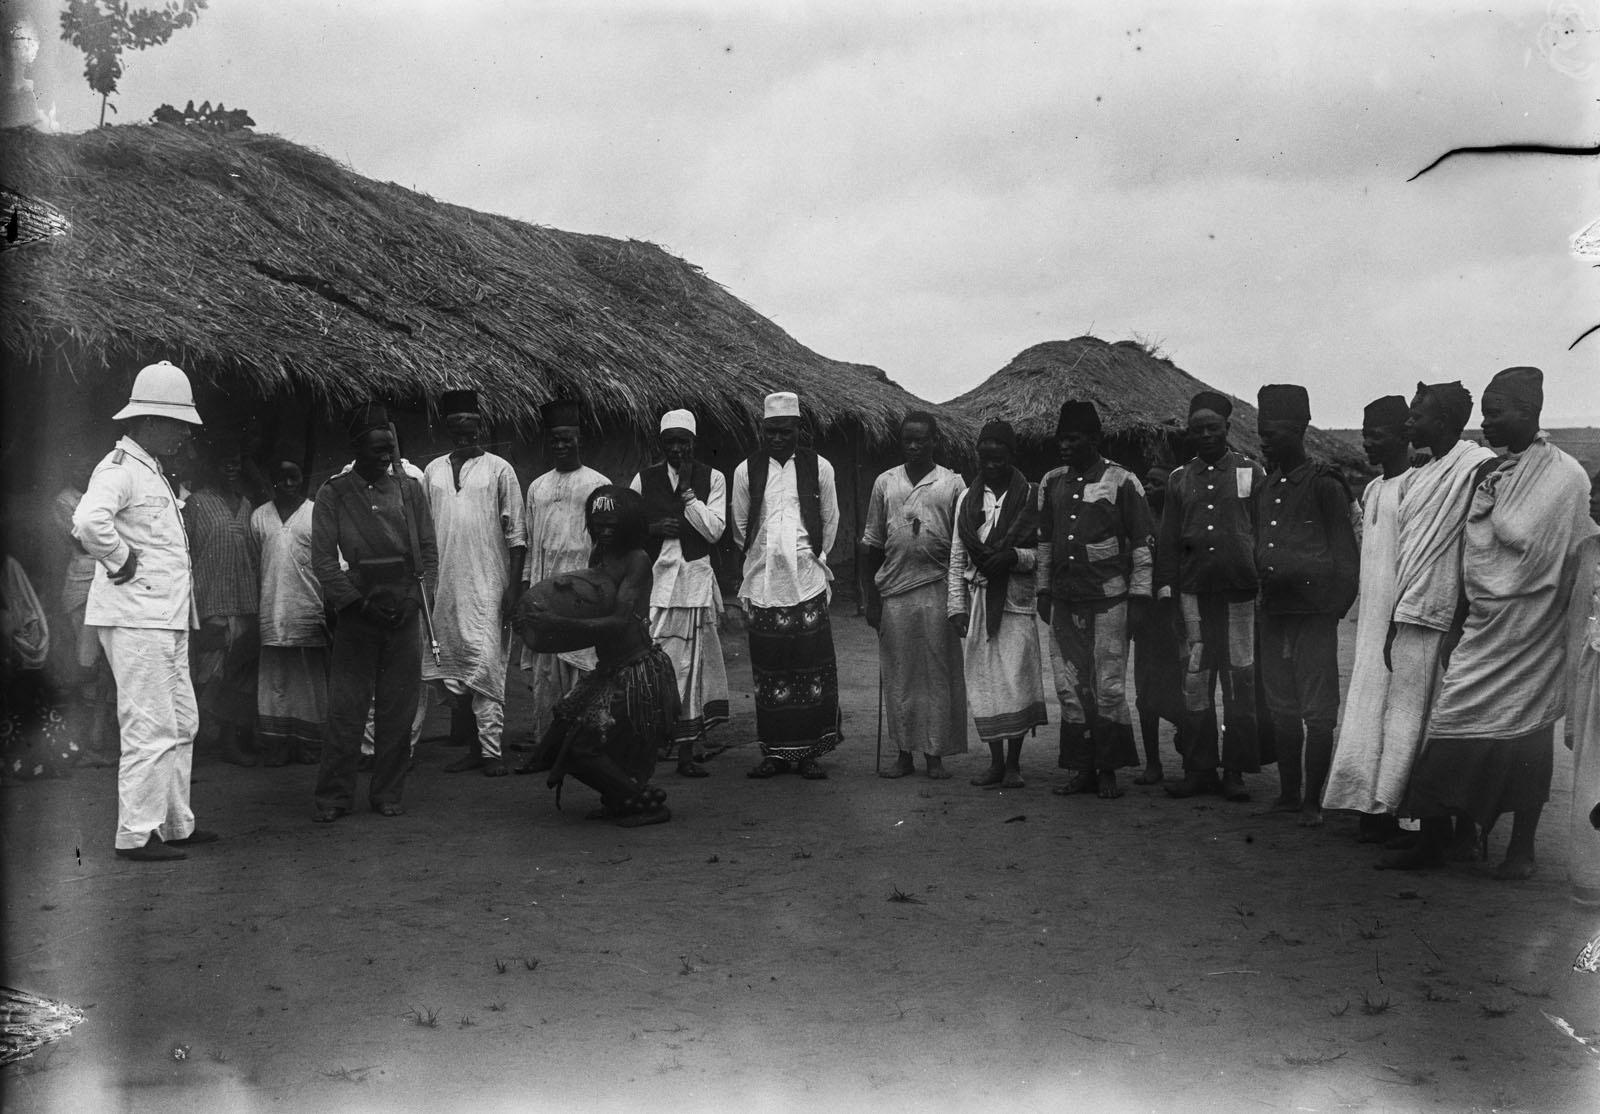 06. Портрет группы мужчин и танцора в Северном Киву